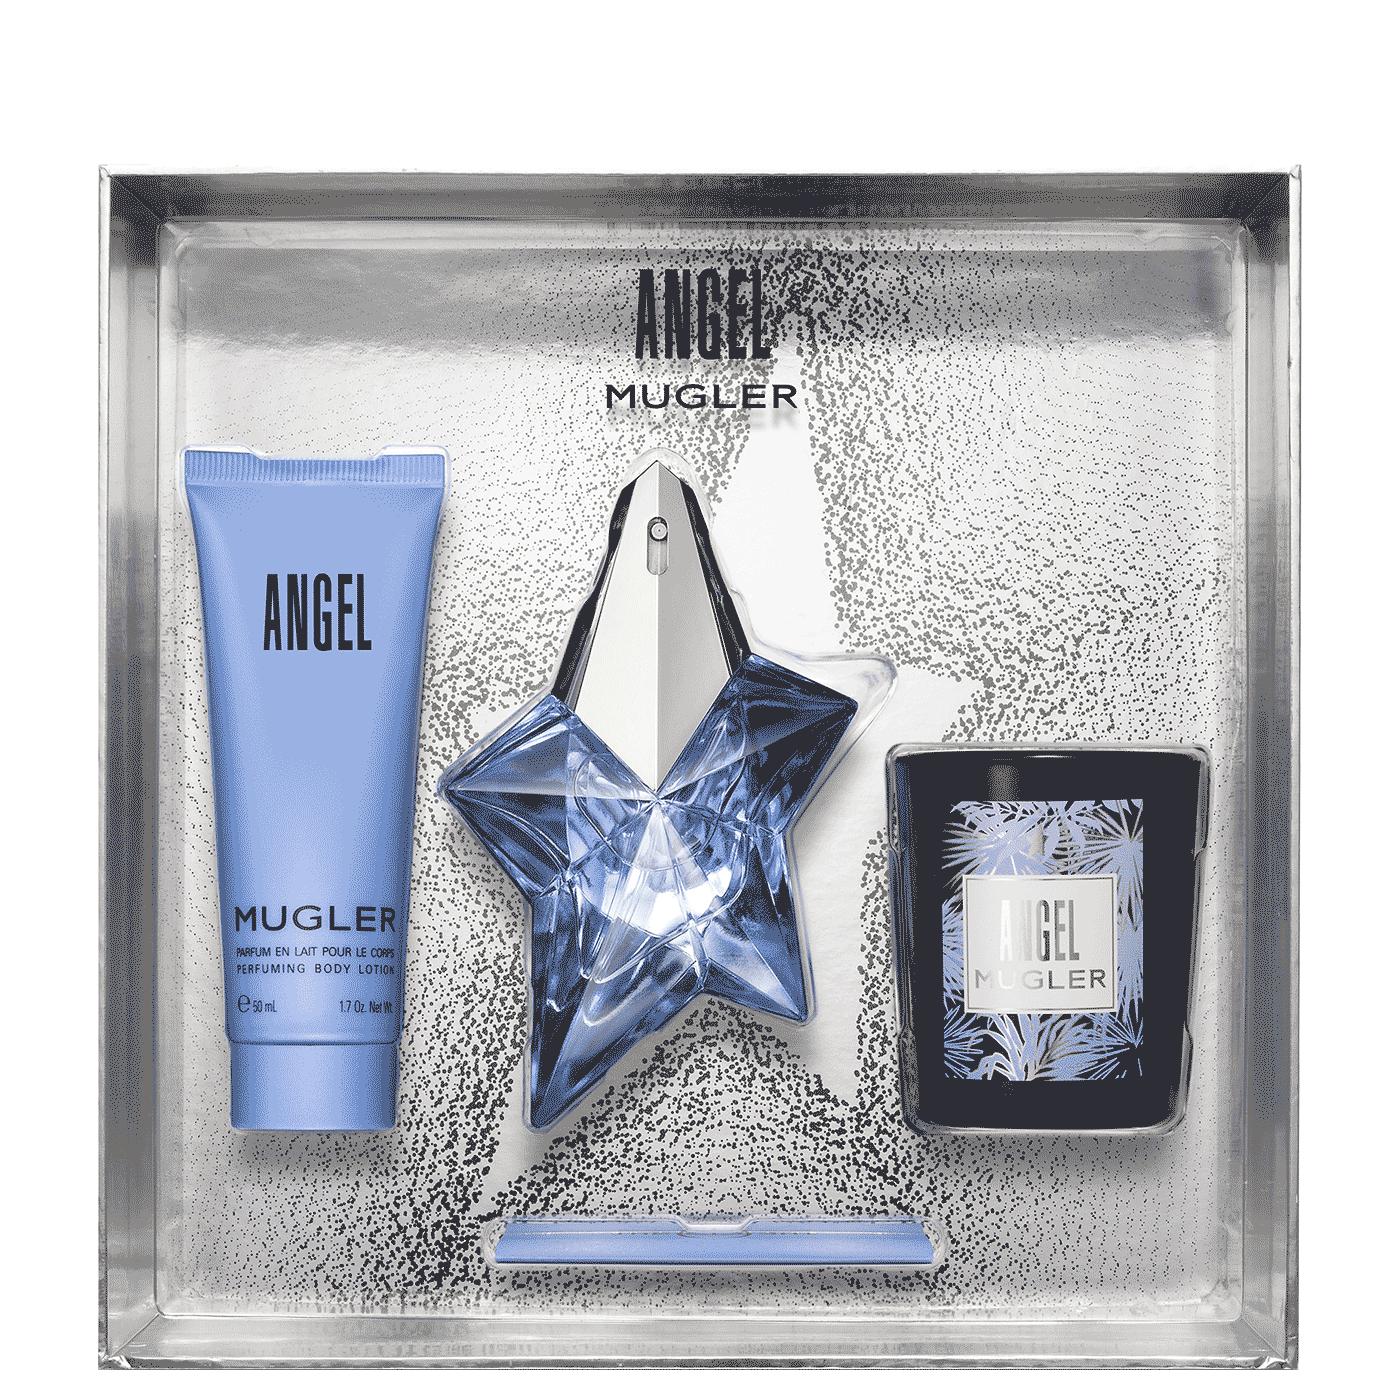 Festive Gift Sets From £19.53 With Code, (Eg, Angel EDP Basic £35.28, Alien Man EDT Basic £32.76, Mugler Cologne Deluxe £37.80) @ Mugler